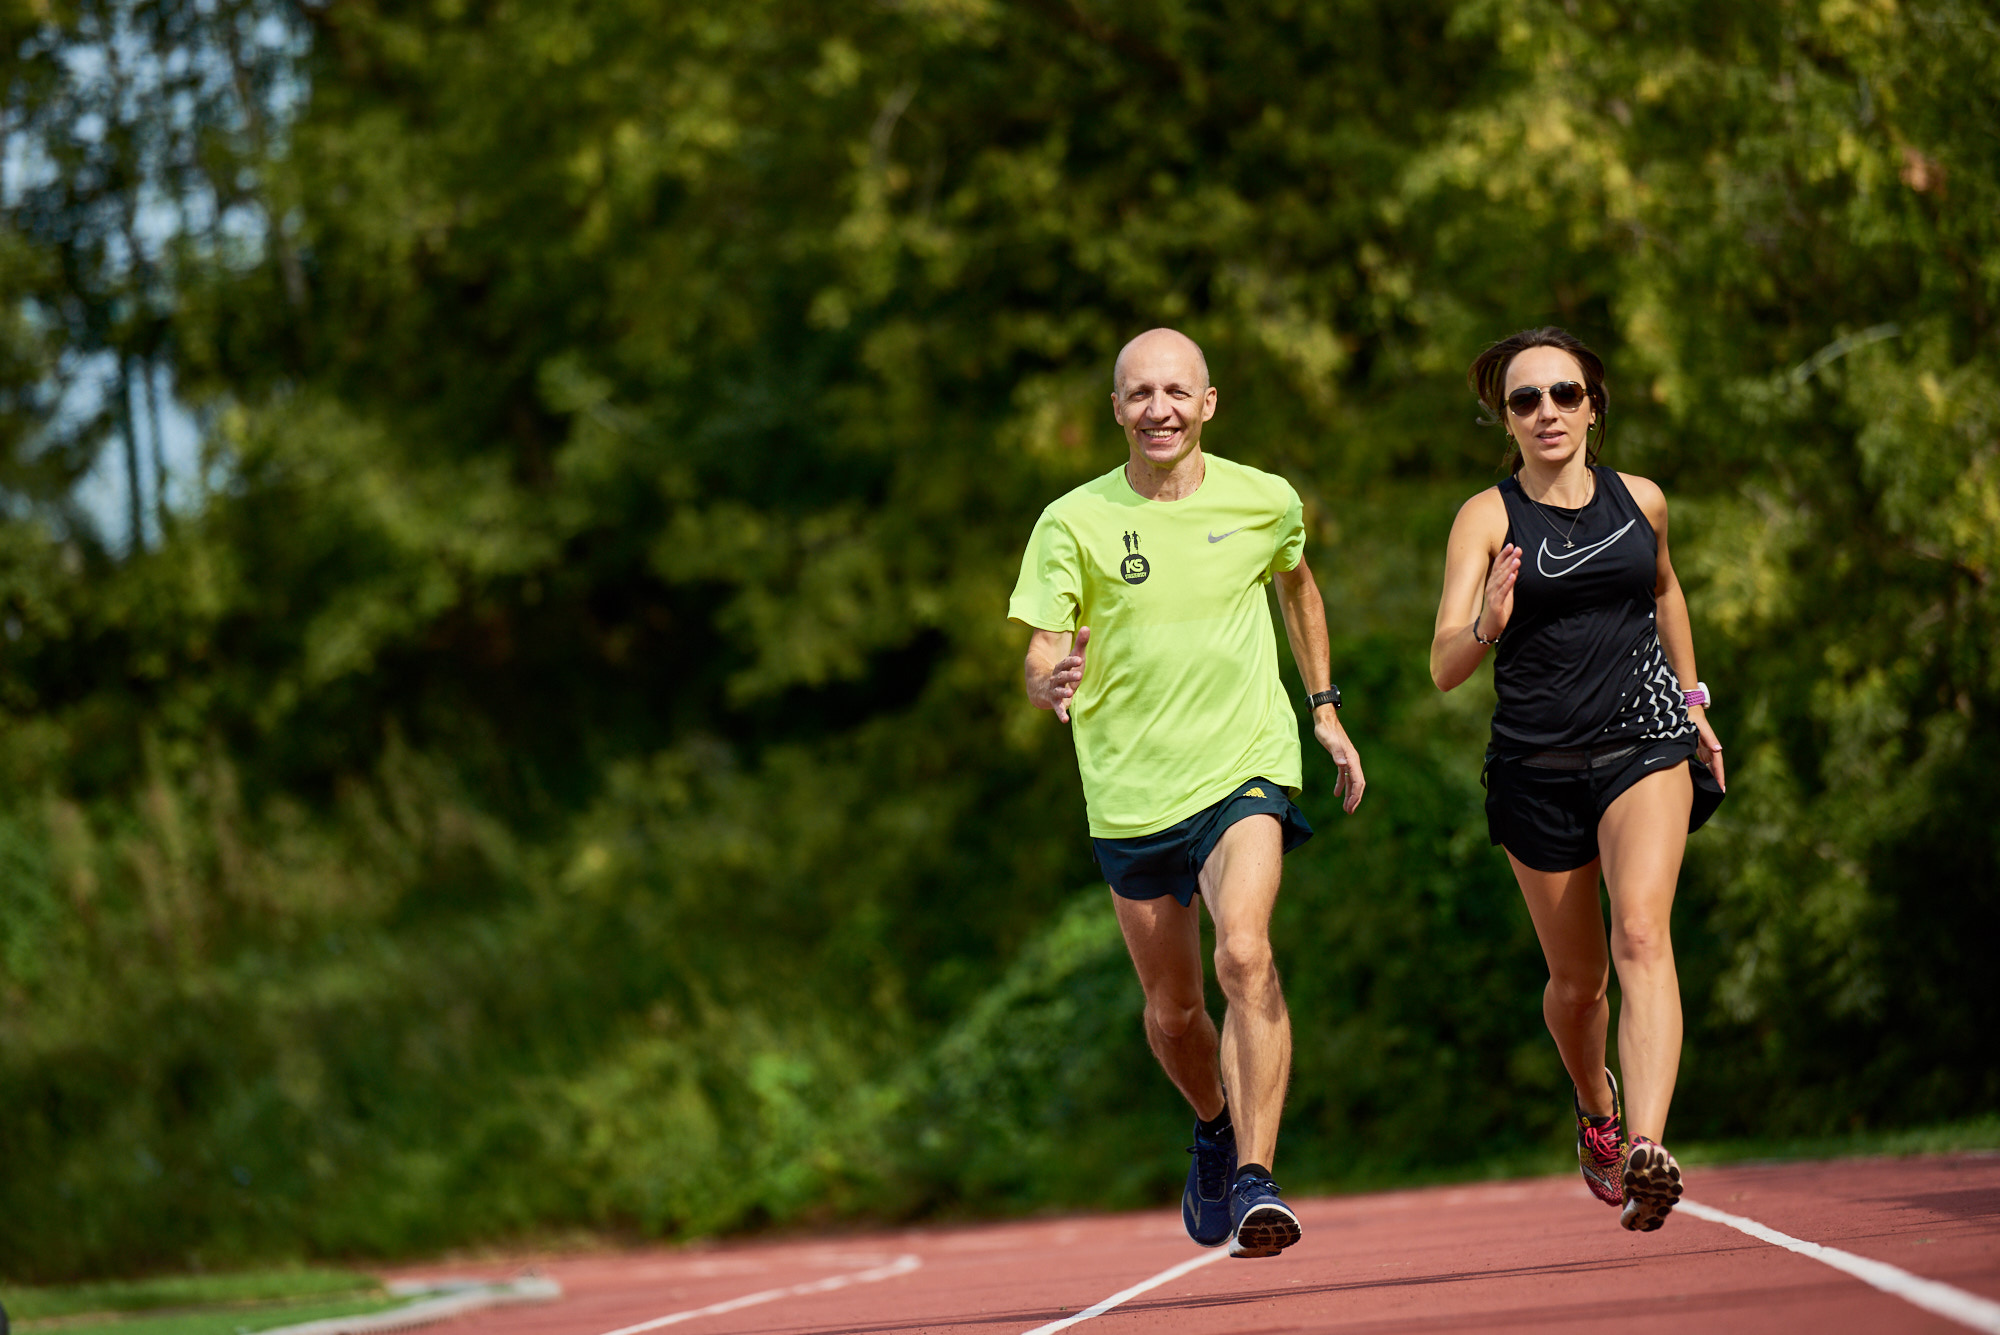 Jak zacząć poprawnie biegać? - praktyczne wskazówki dla początkujących